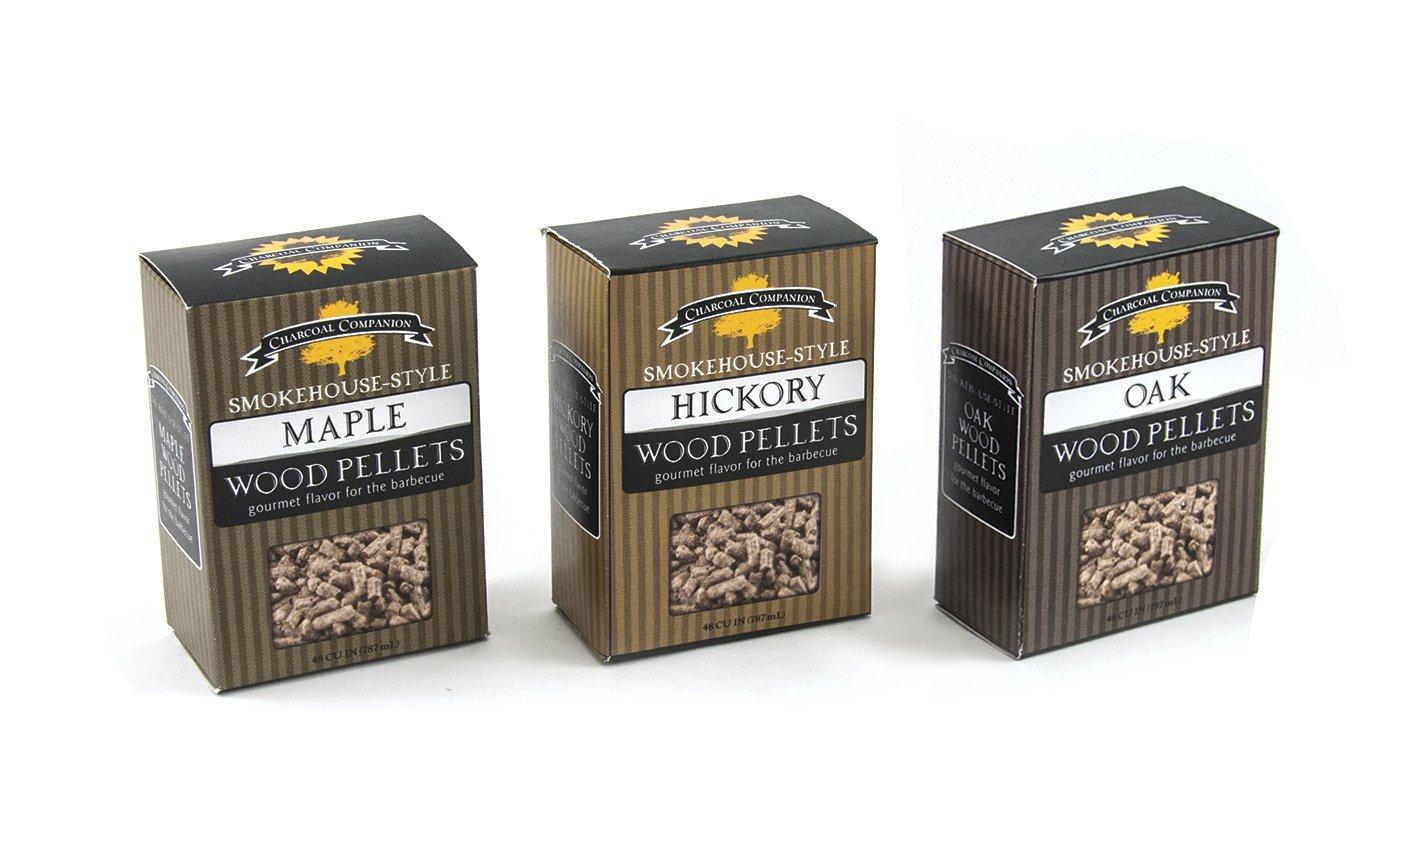 Charcoal Companion Smokehouse-Style Wood Pellets Set (Hickory/Maple/Oak) - CC6051